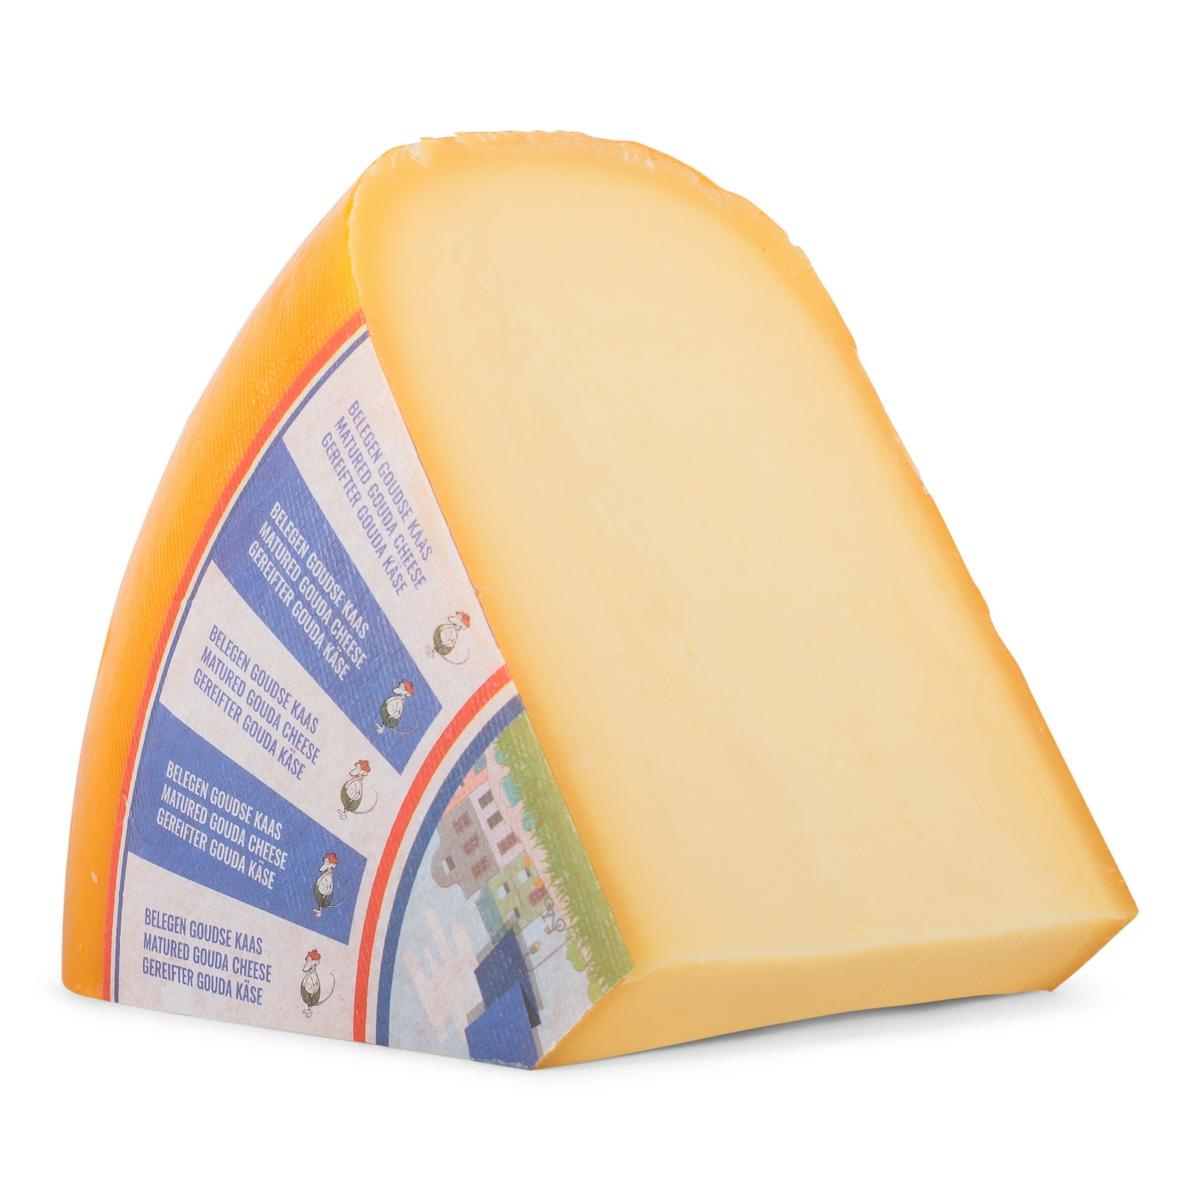 MIttelalter Käse (Reifezeit von 16 - 18 Wochen)